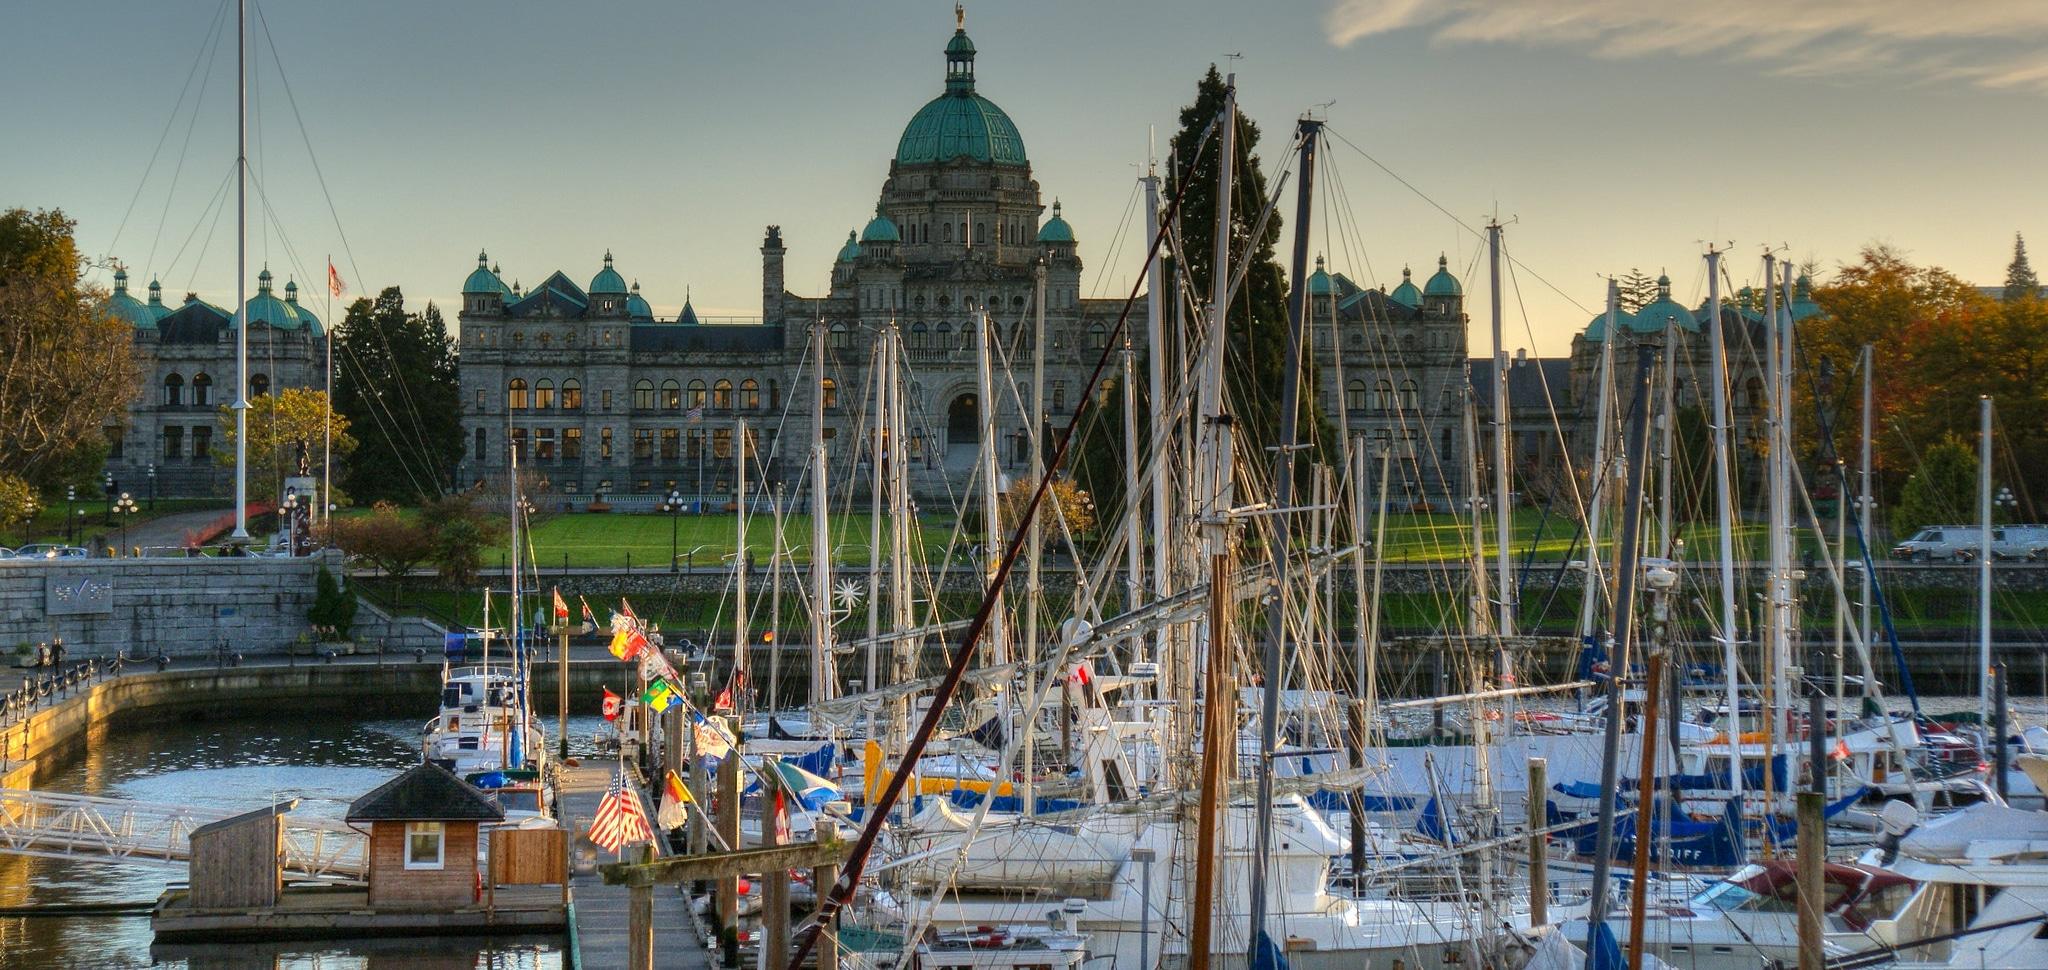 Provincial legislature in Victoria, B.C.